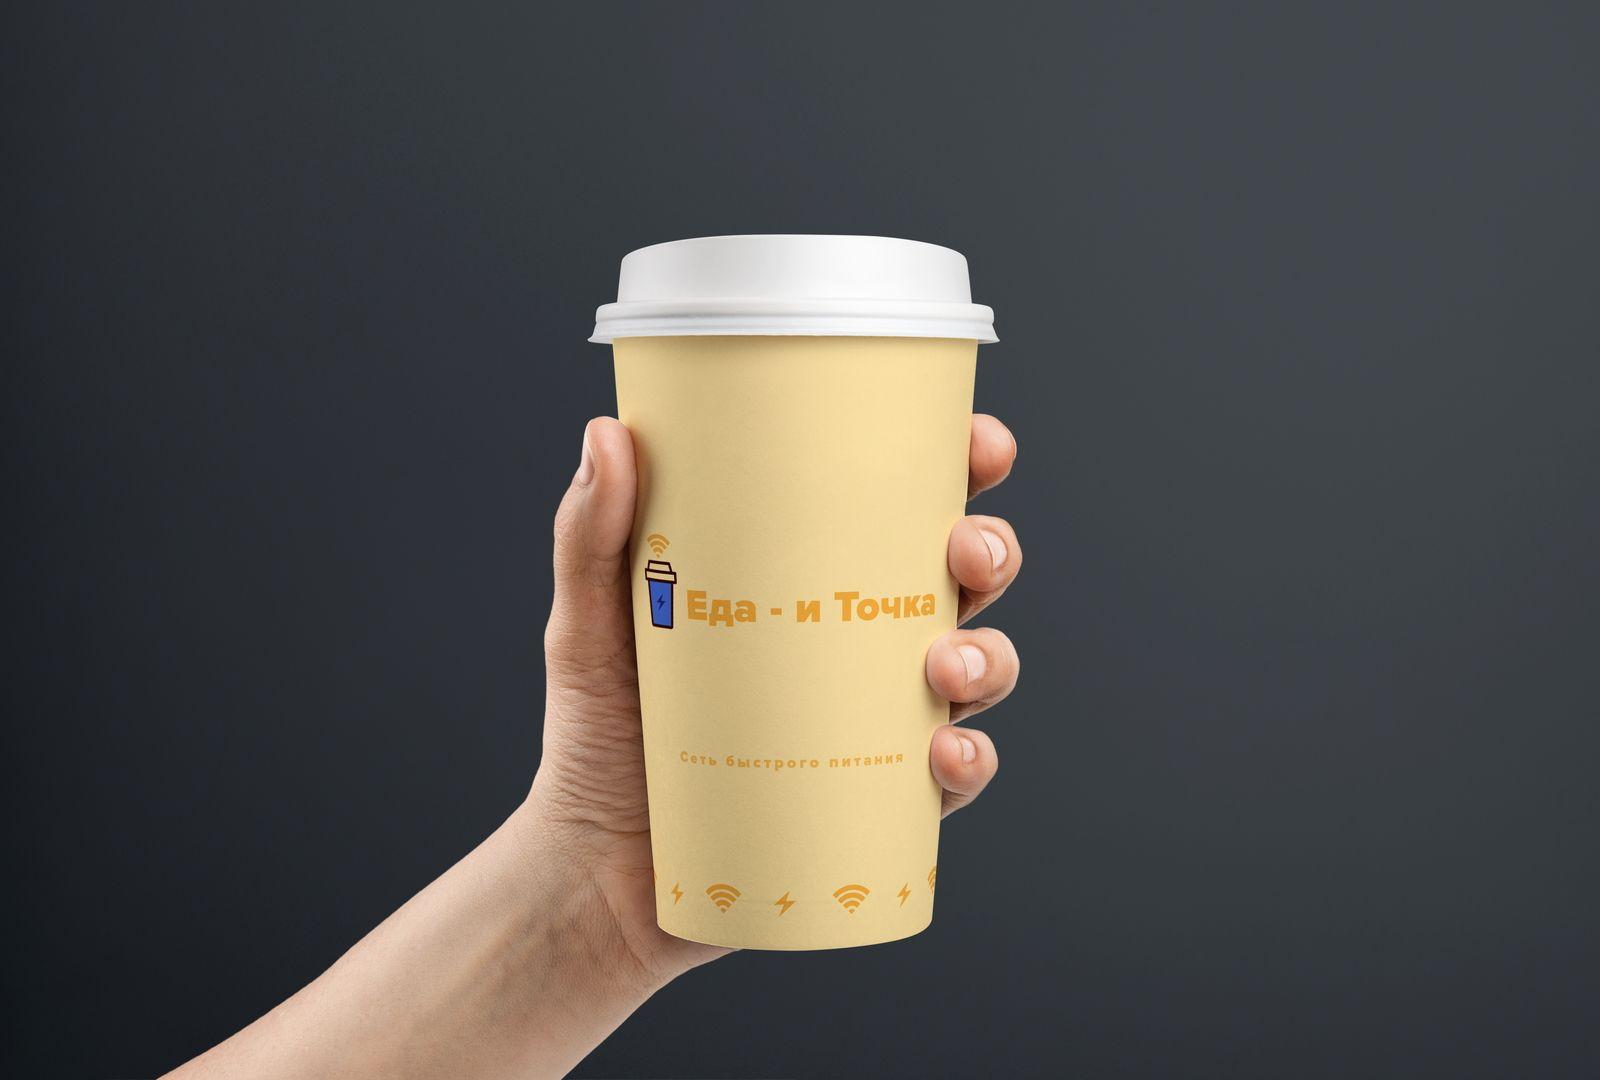 Логотип для еда - и точка - дизайнер Simmetr